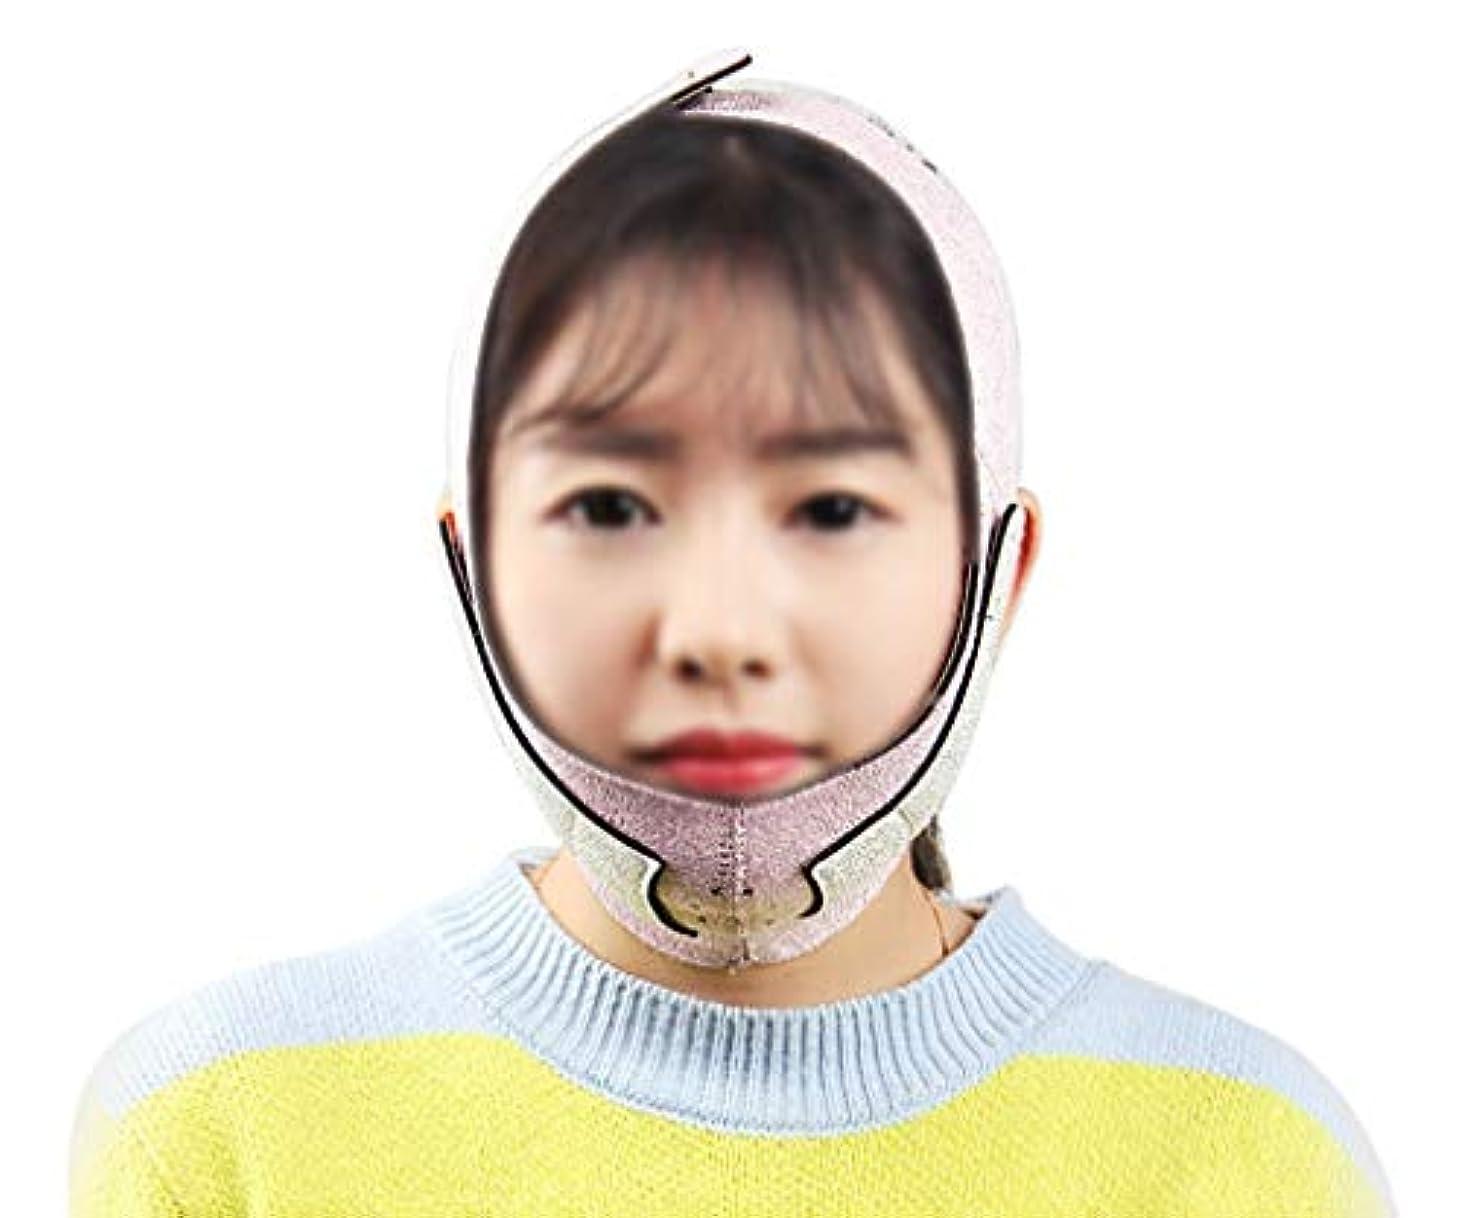 インゲン曇った味XHLMRMJ 引き締めフェイスマスク、薄いフェイスバンド新しい締め付け二重あごフェイスリフティングアーティファクトVフェイスバンデージ(3フェイスバンデージ)